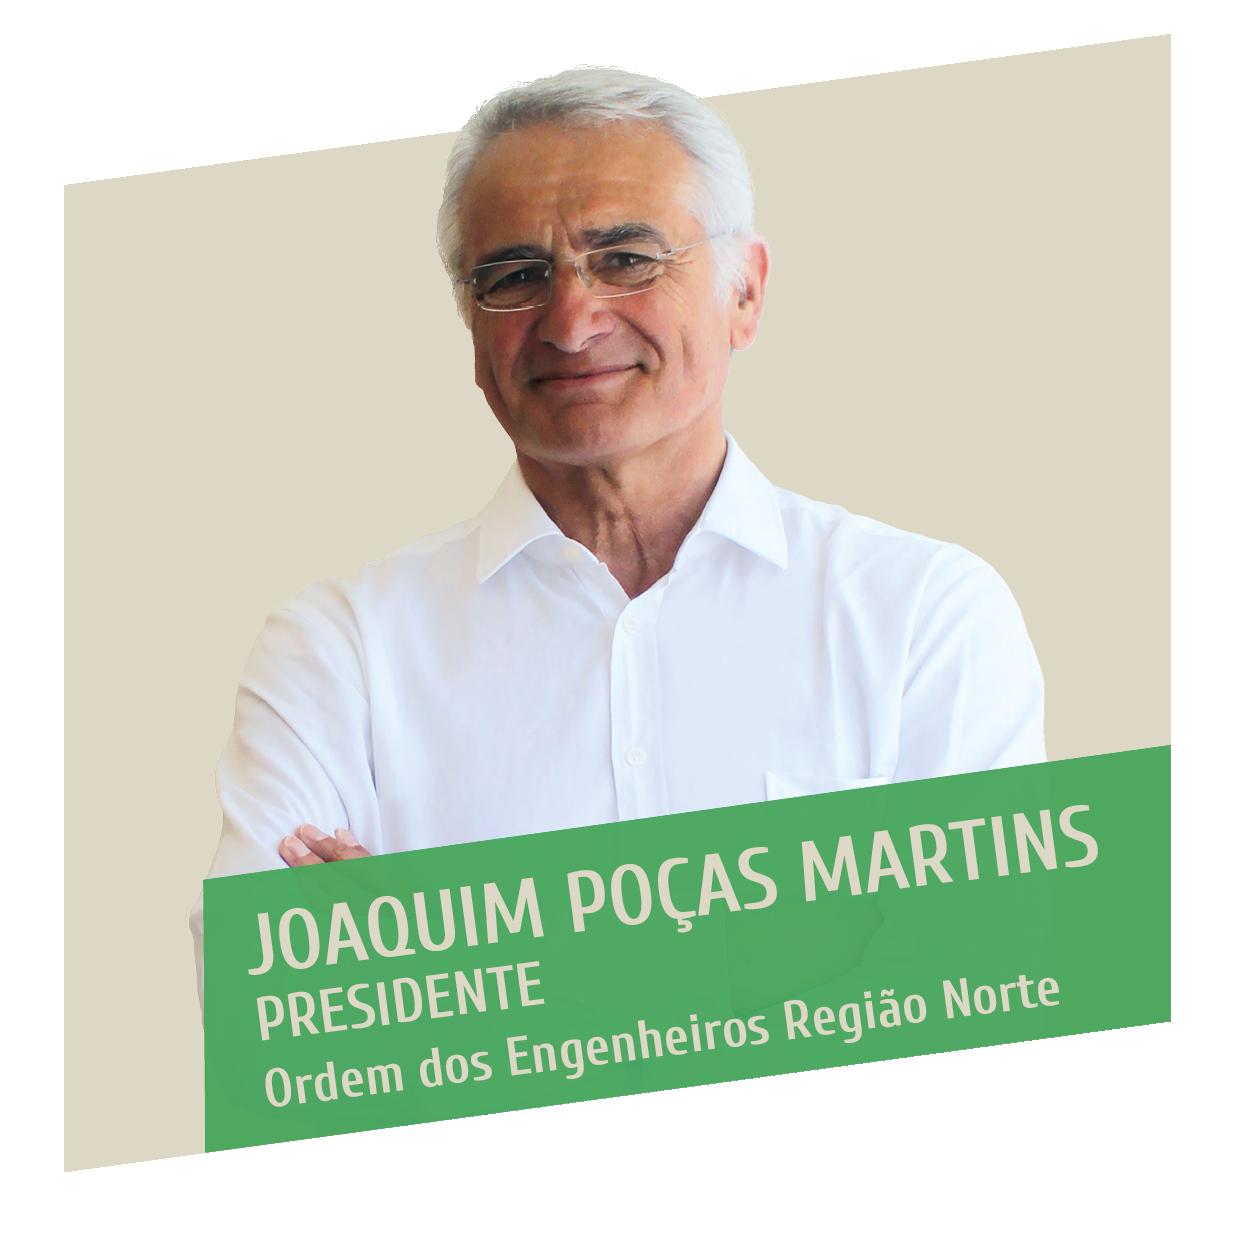 Joaquim Poças Martins